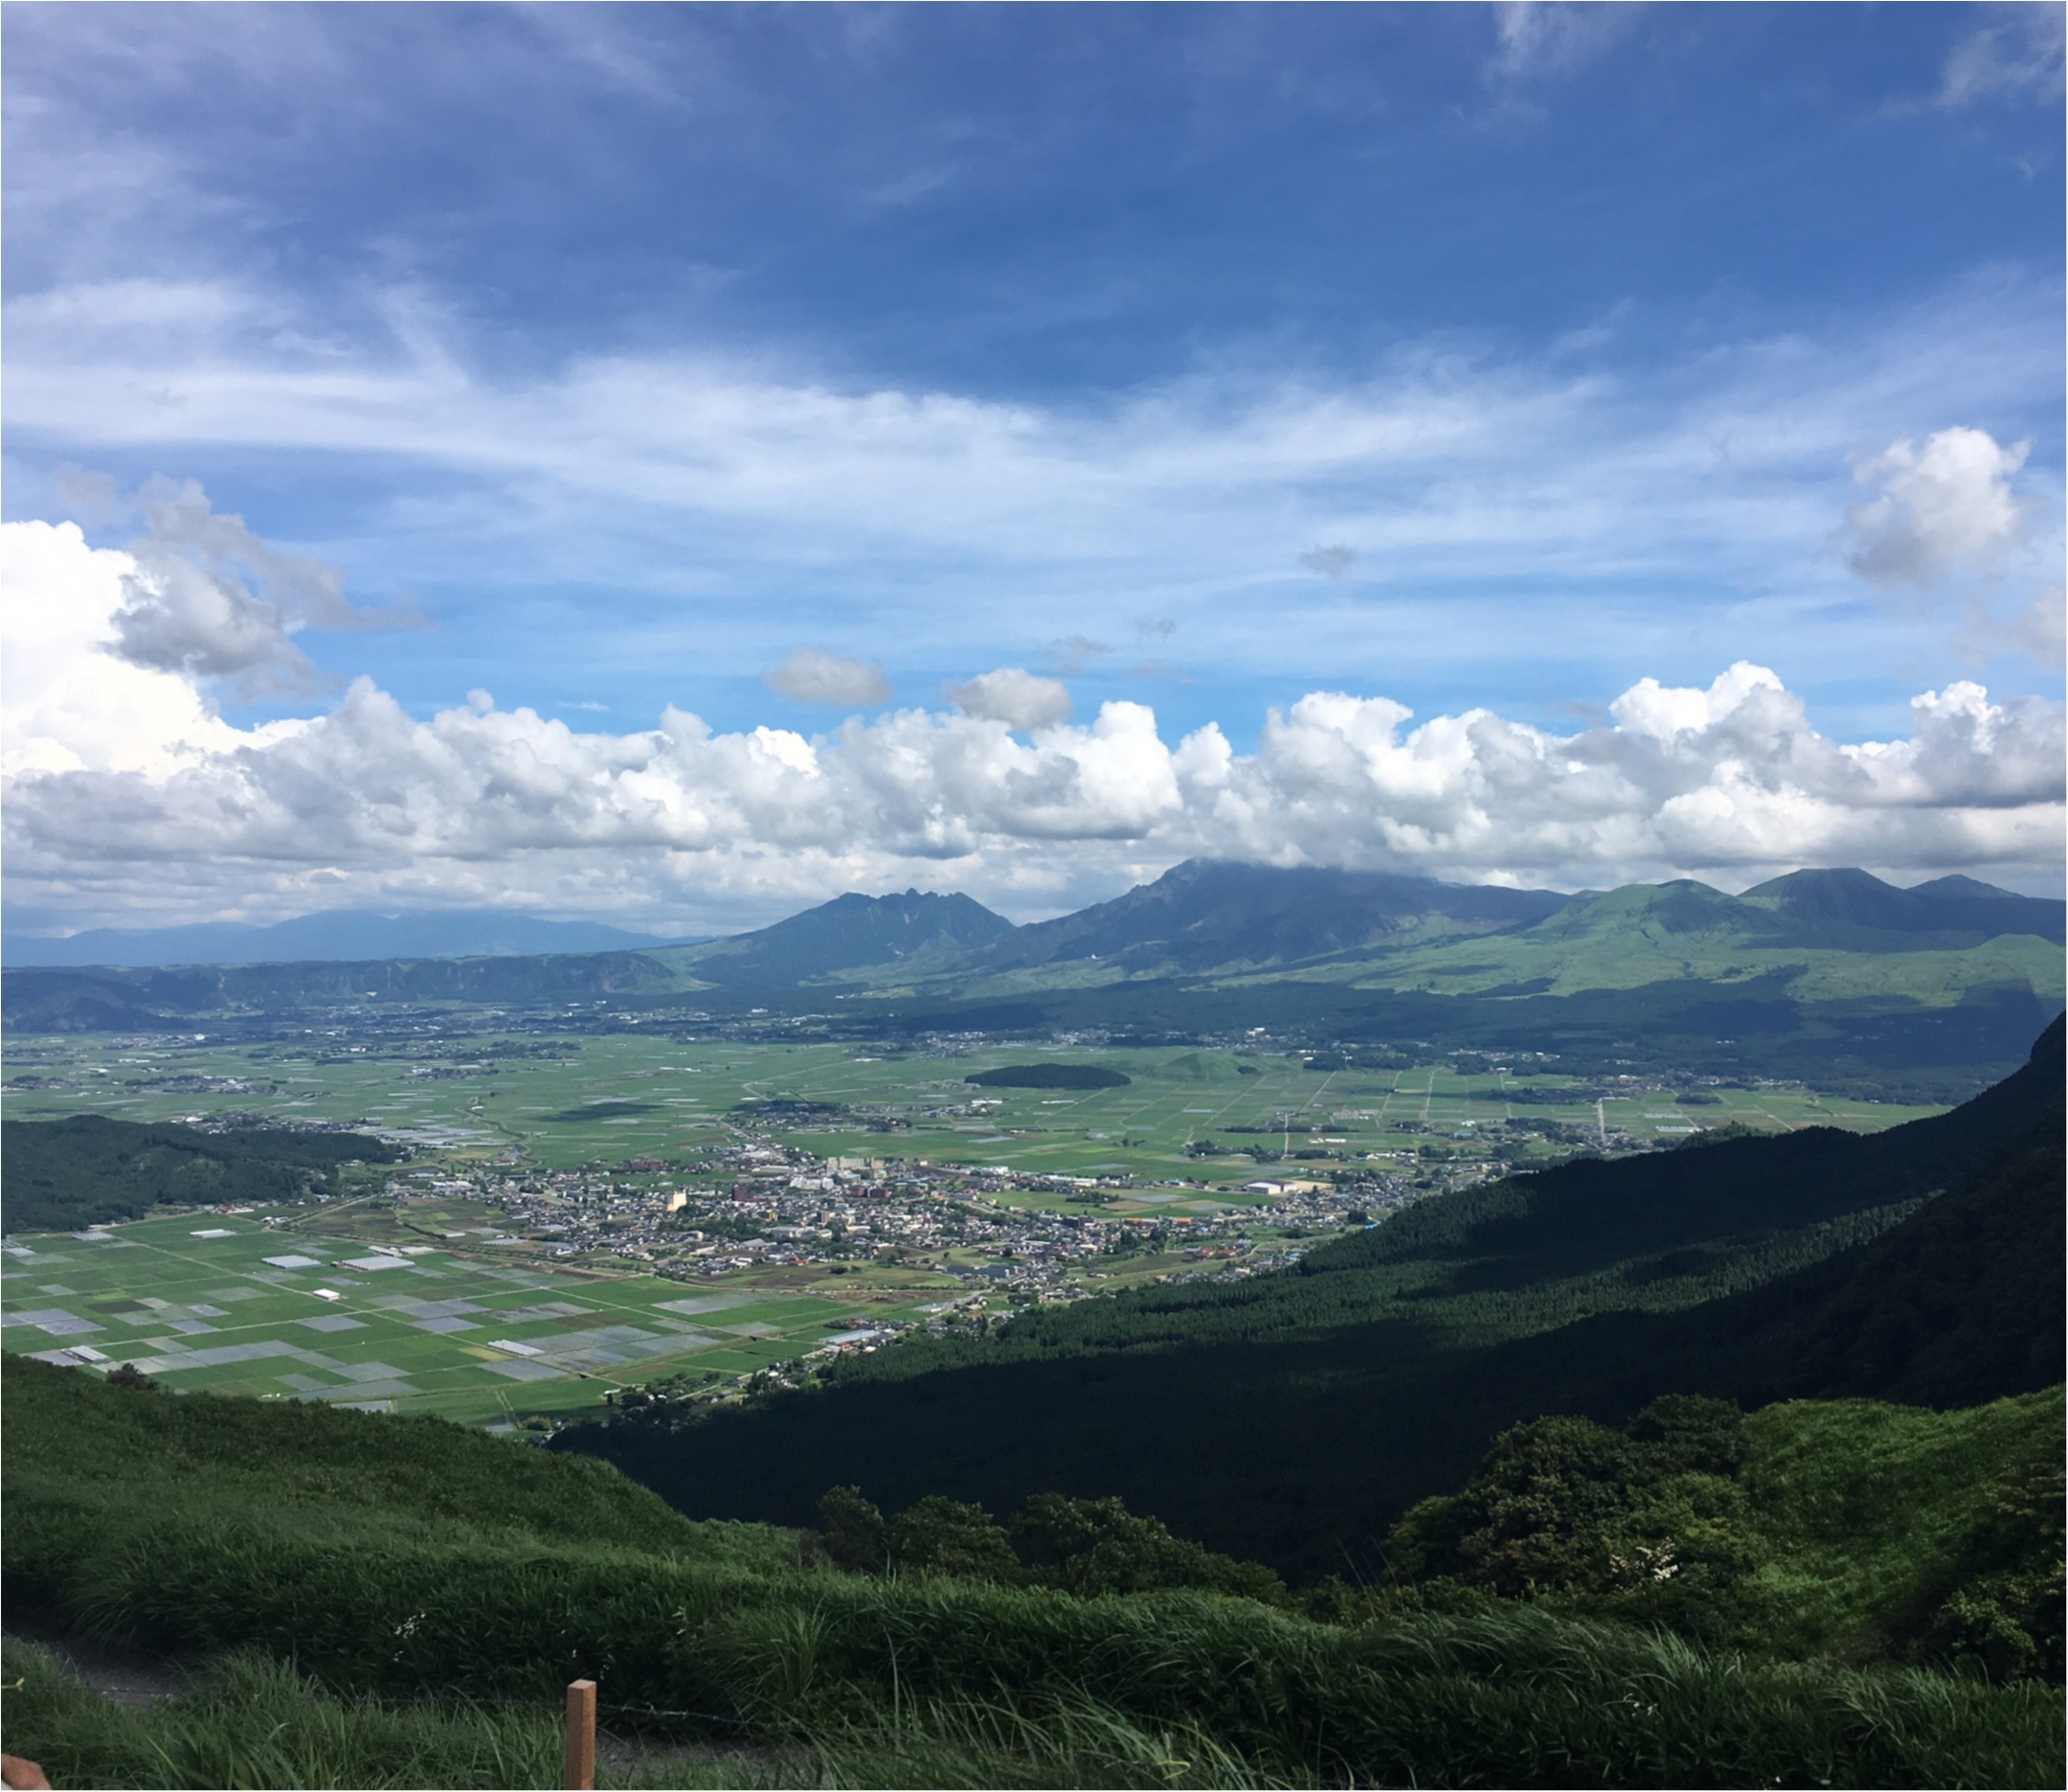 【初動画で紹介!】まるでジブリの世界!晴れた『阿蘇』の絶景を観てください!【#モアチャレ 熊本の魅力発信!】 _2_1